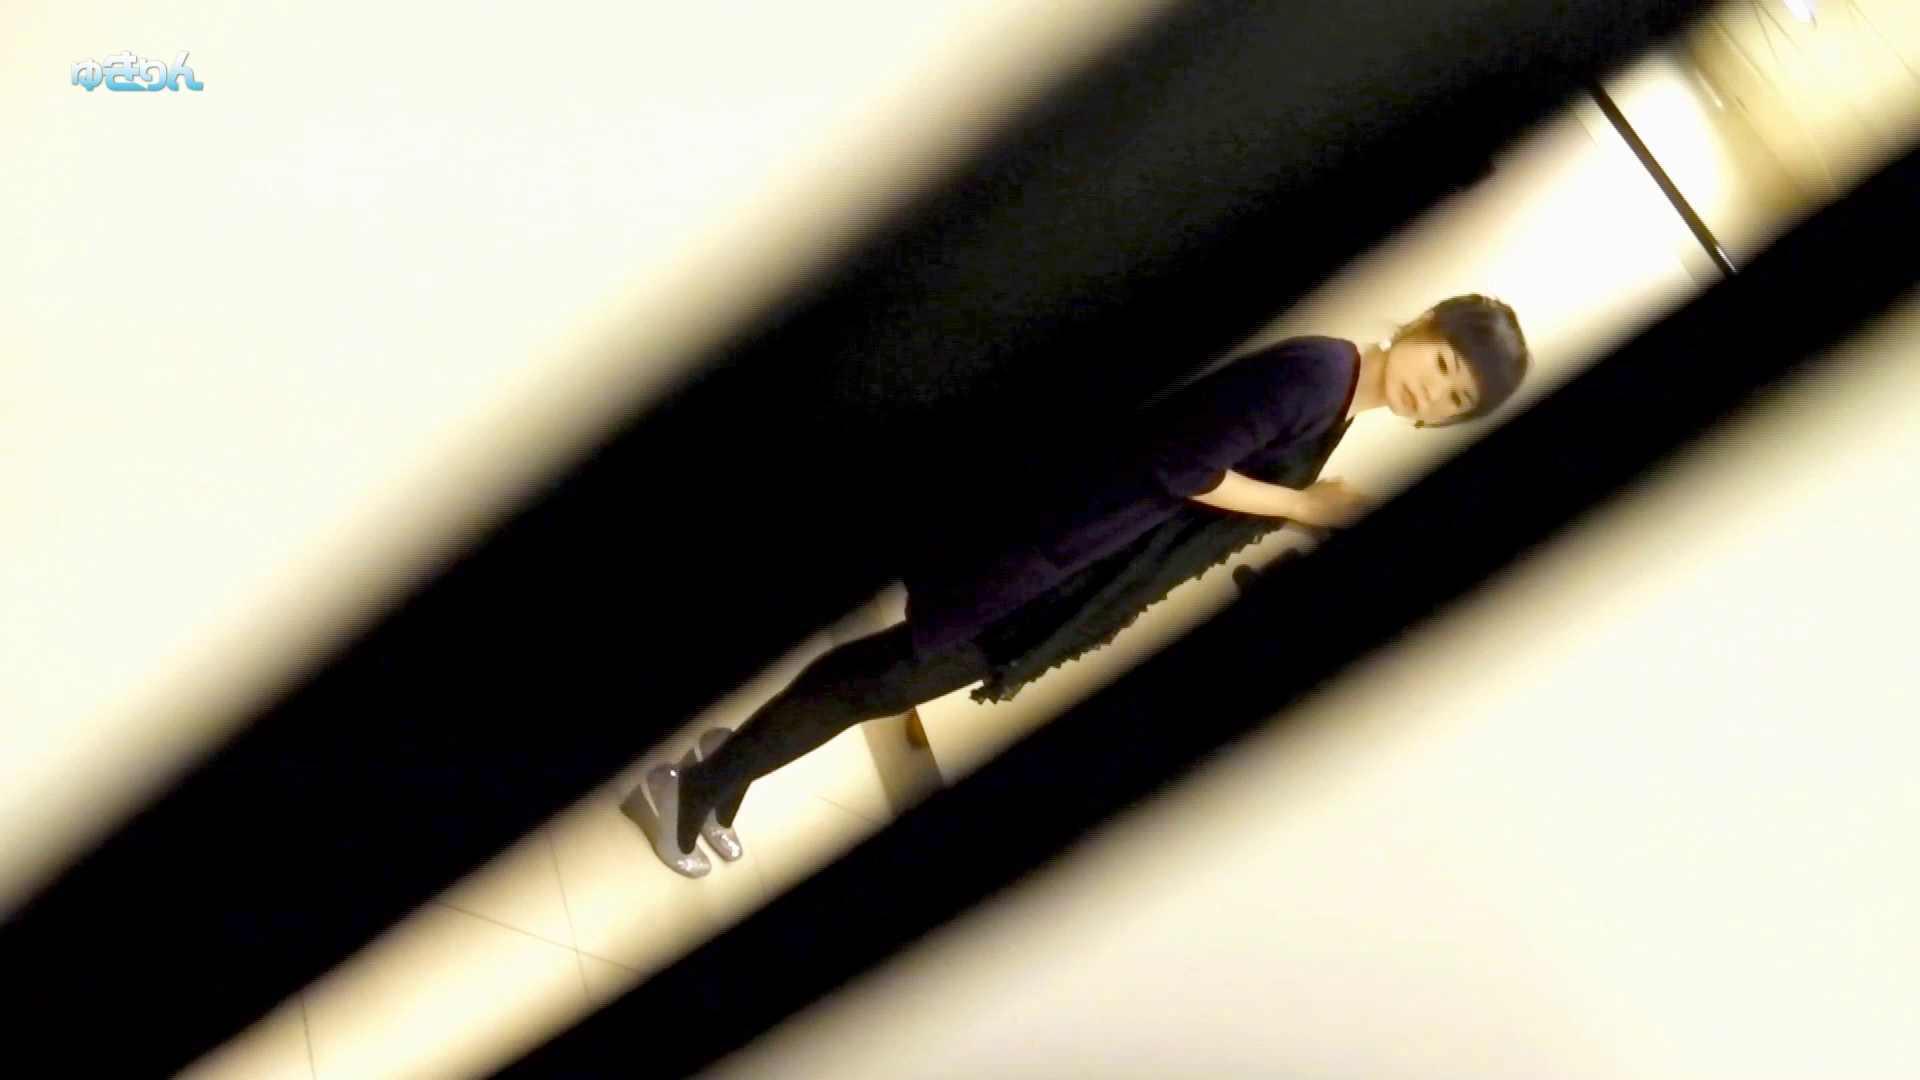 新世界の射窓 No81 制月反さん登場!! お姉さん攻略 すけべAV動画紹介 106画像 28